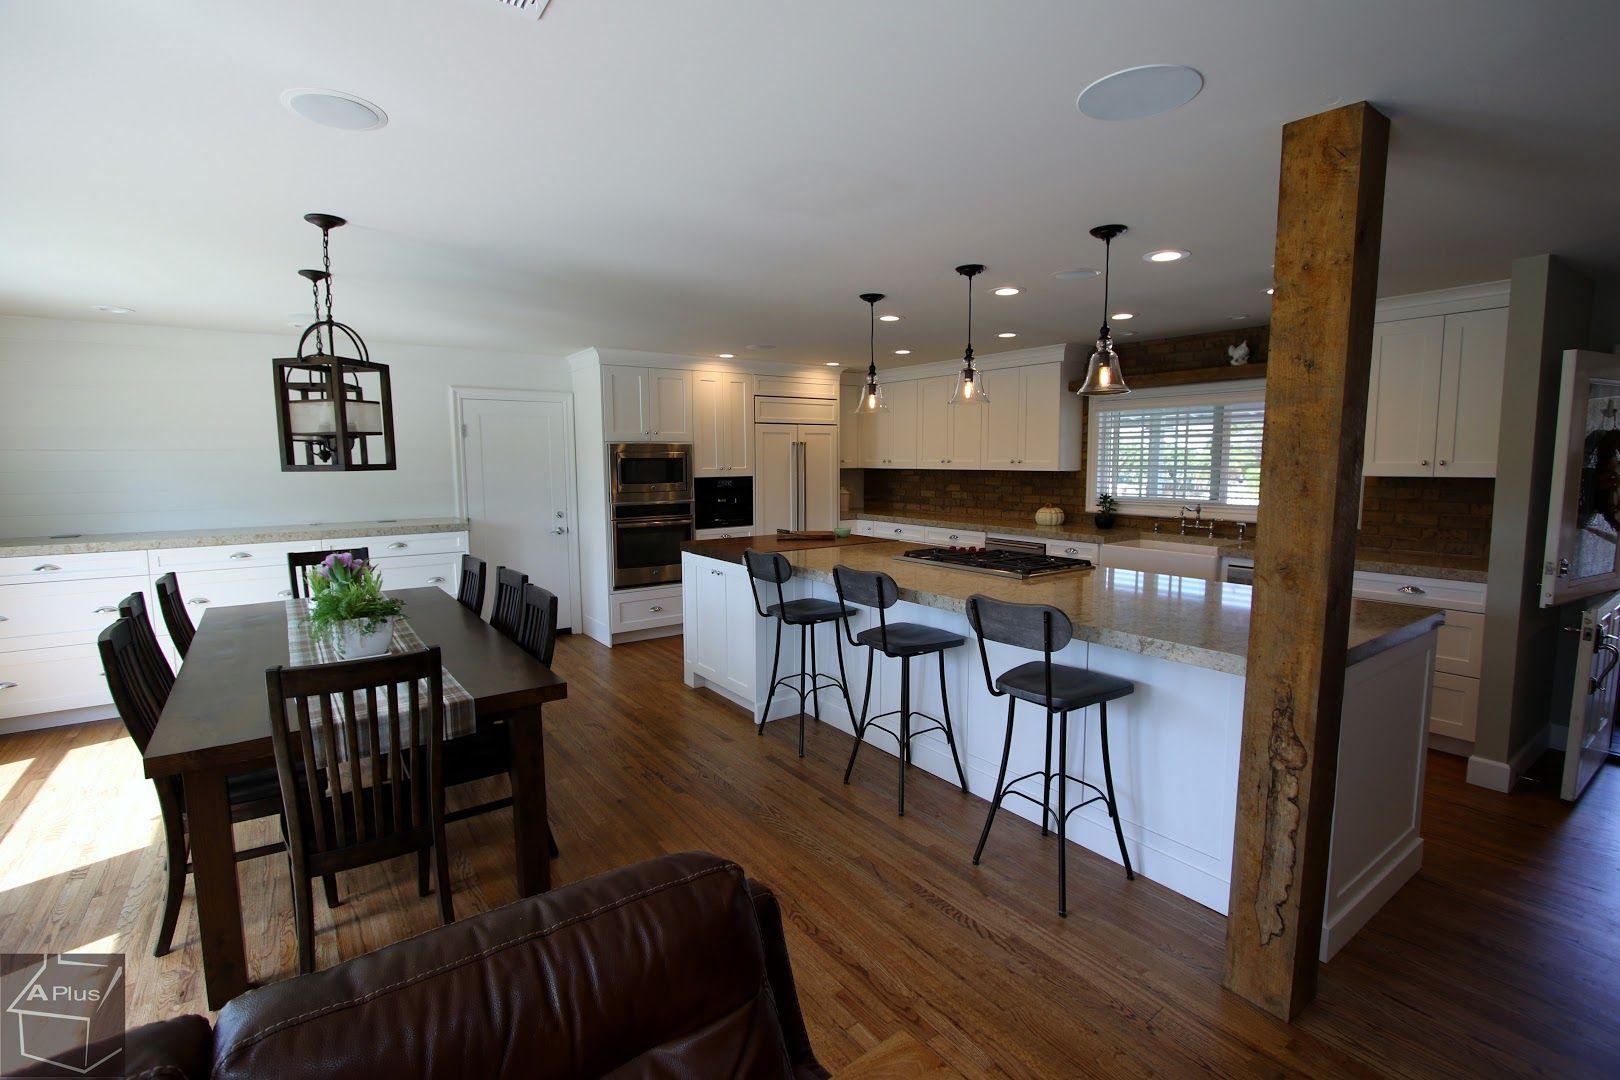 Aplus Interior Design Remodeling Rustic Kitchen Kitchen